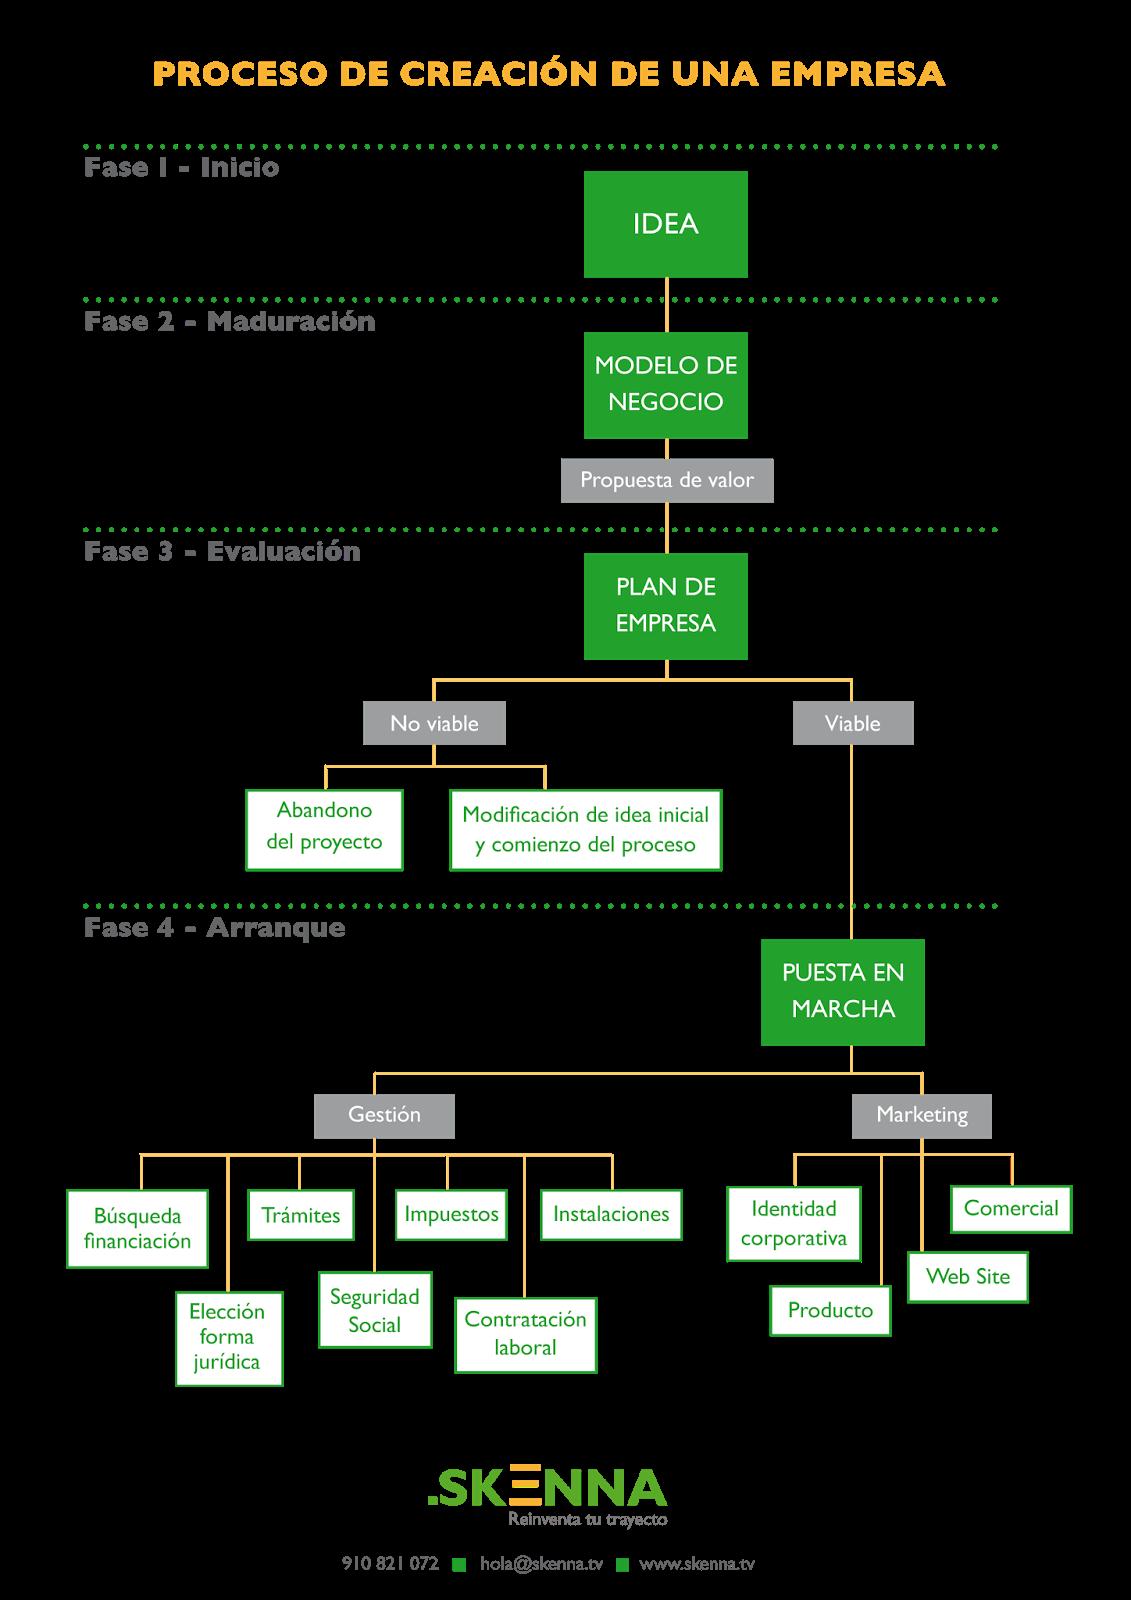 Proceso de creación de una empresa